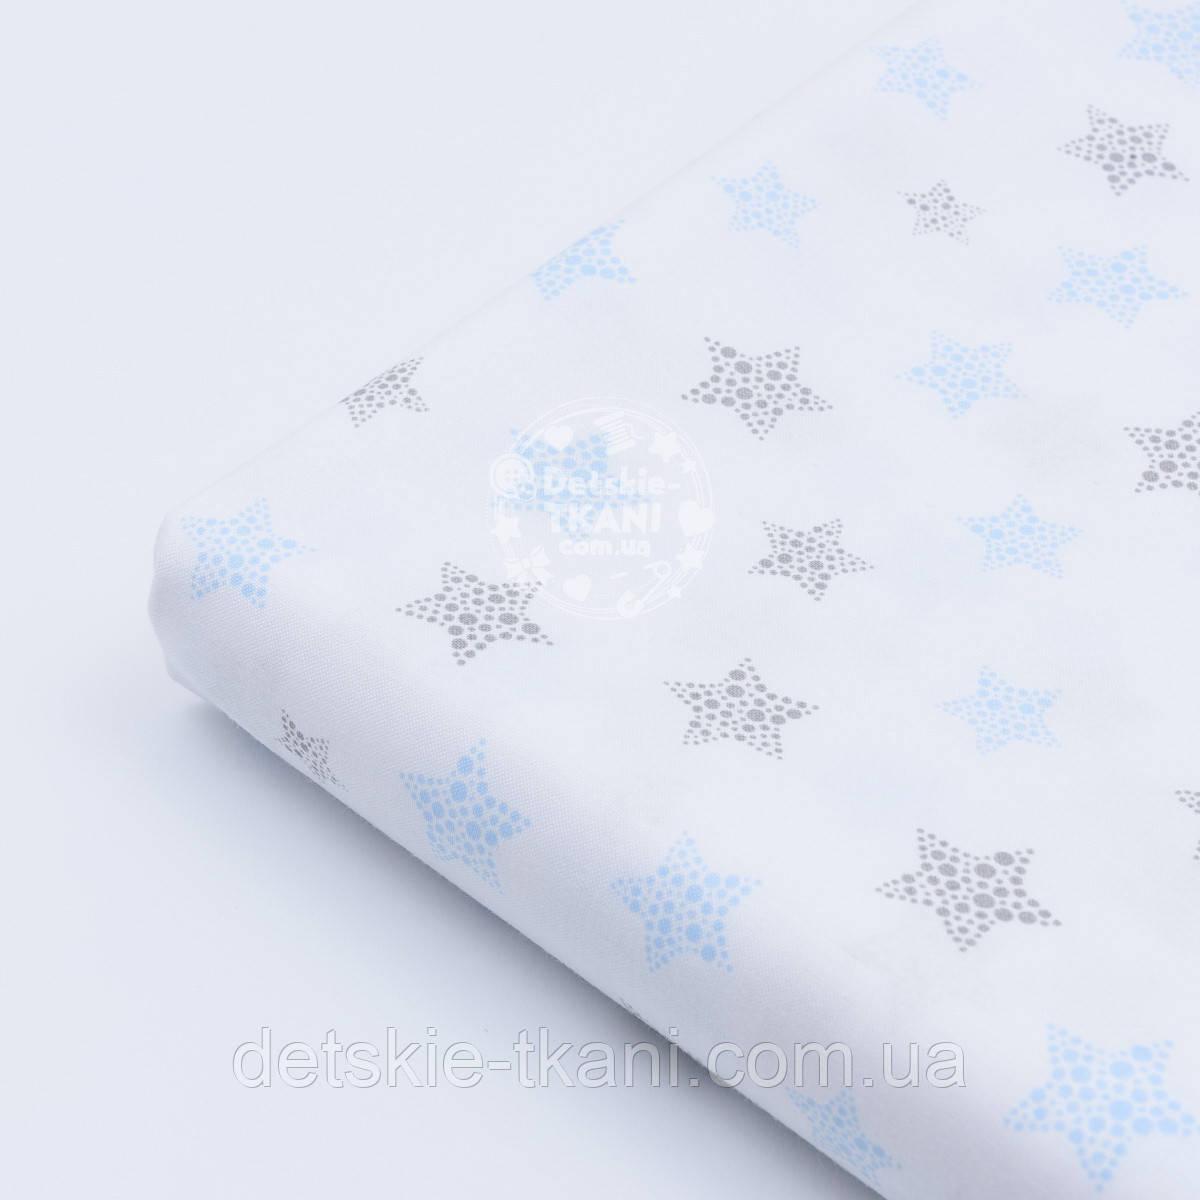 """Лоскут ткани """"Точечные звёзды"""" голубые серые на белом №1649а, размер 30*80 см"""